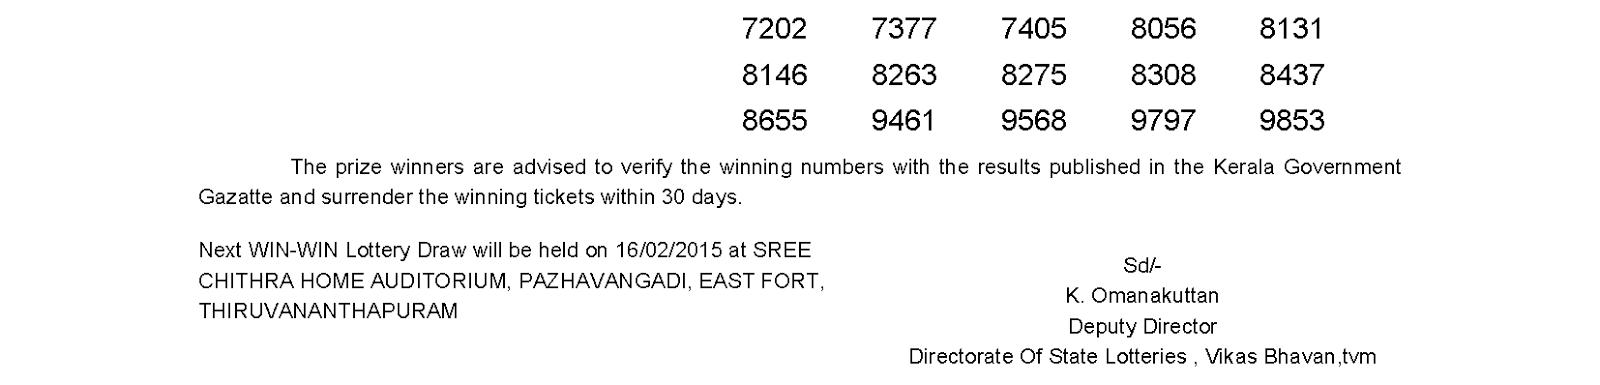 WINWIN W-294 Lottery Result 9-2-2015